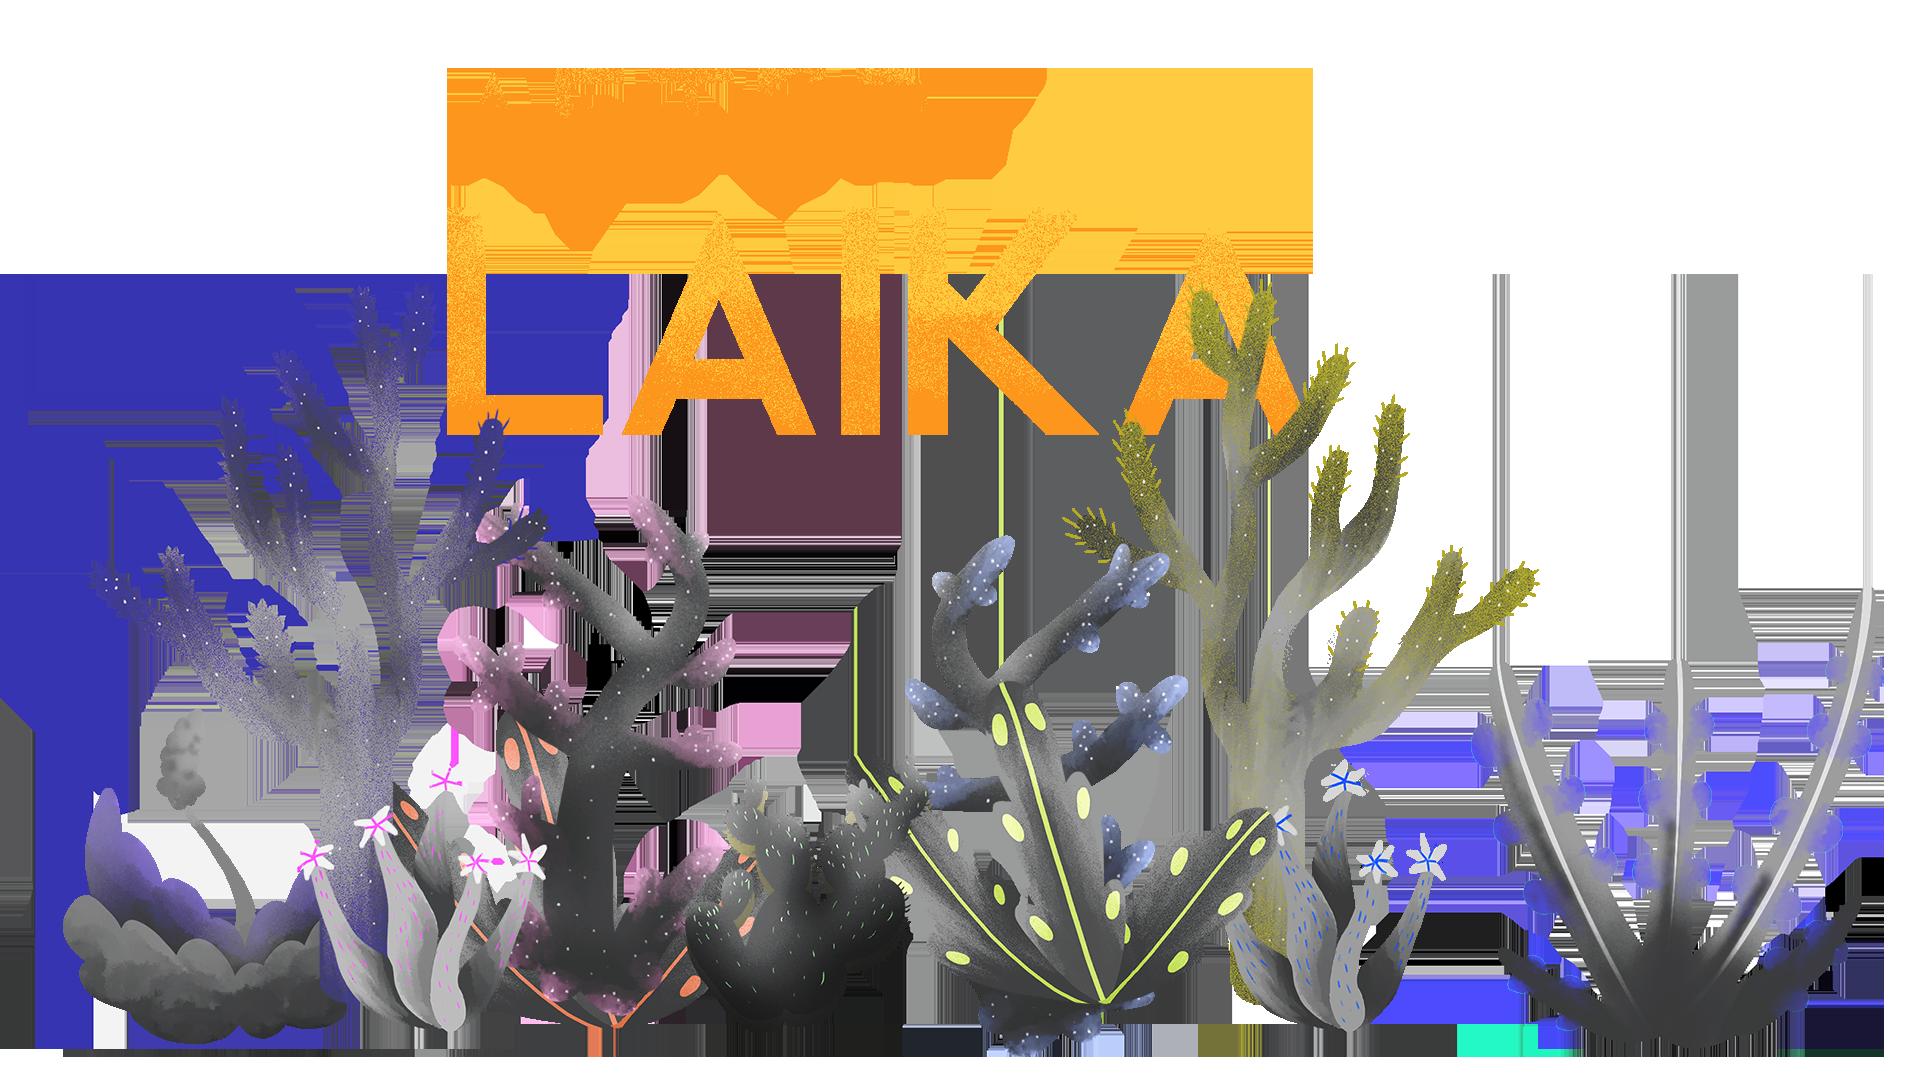 After Laika